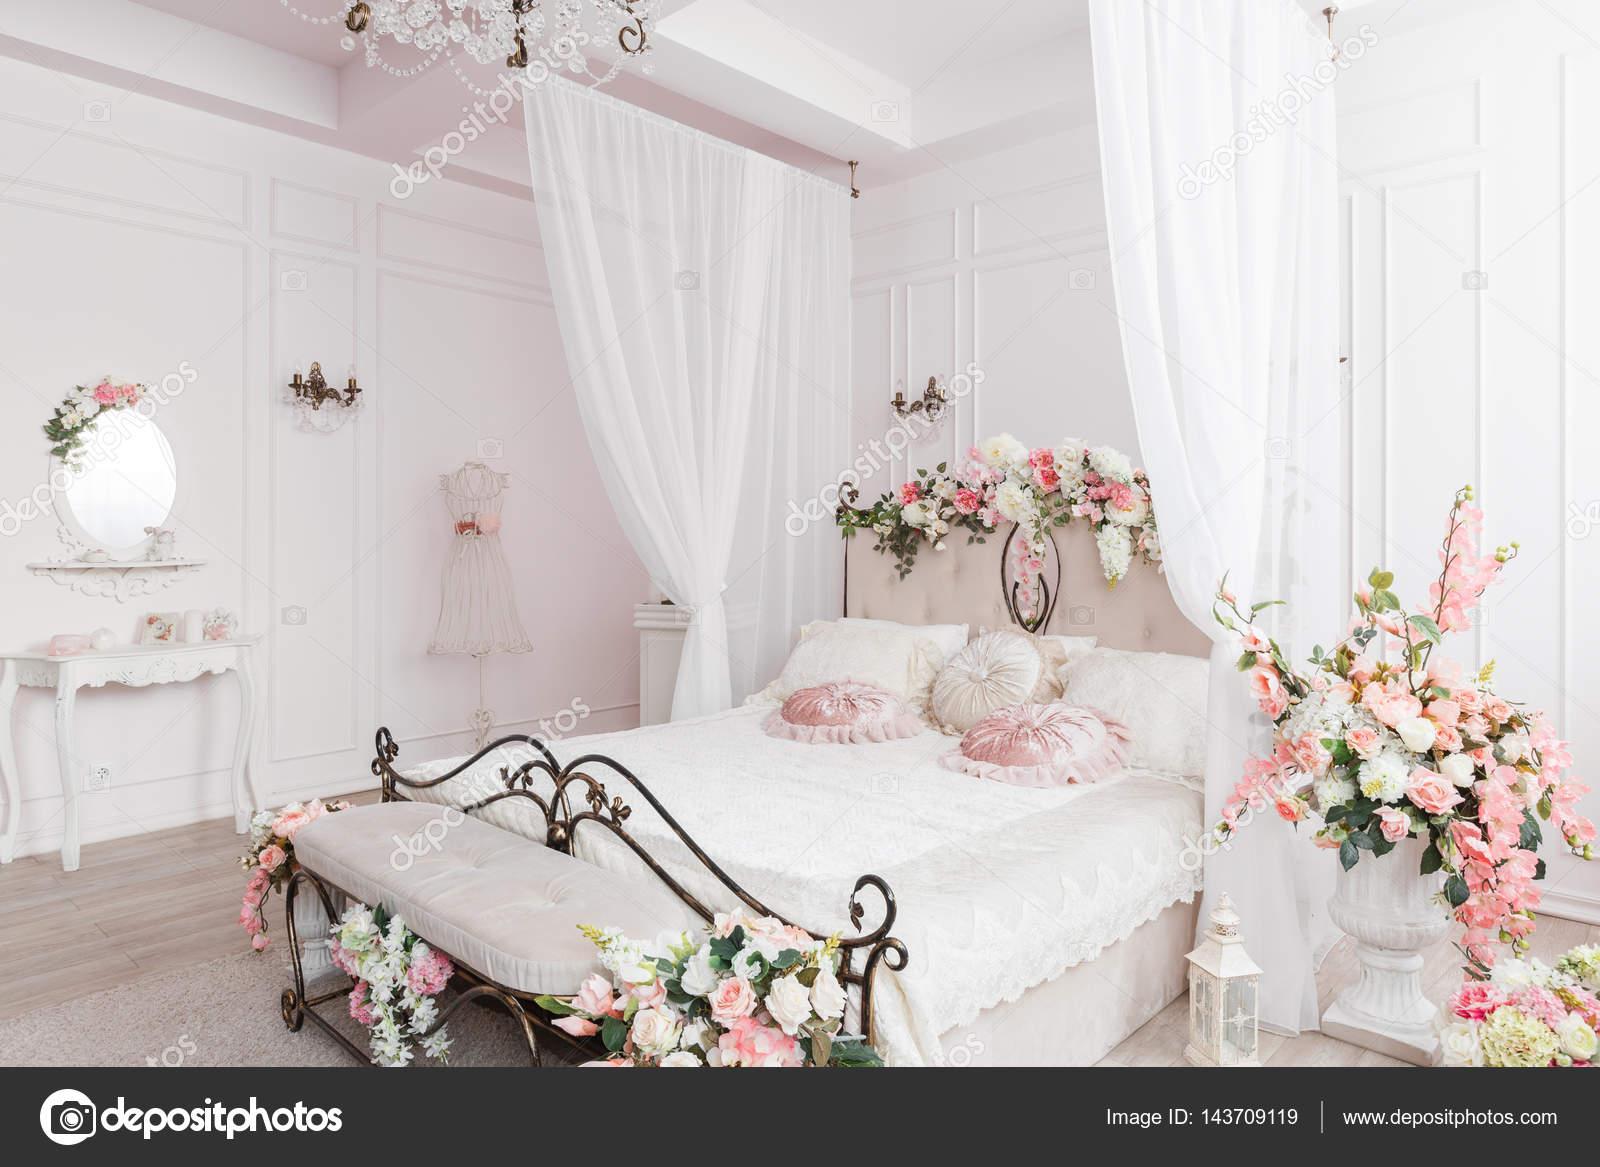 Wrought iron bed in de zachte lichte kamer lente bloemen